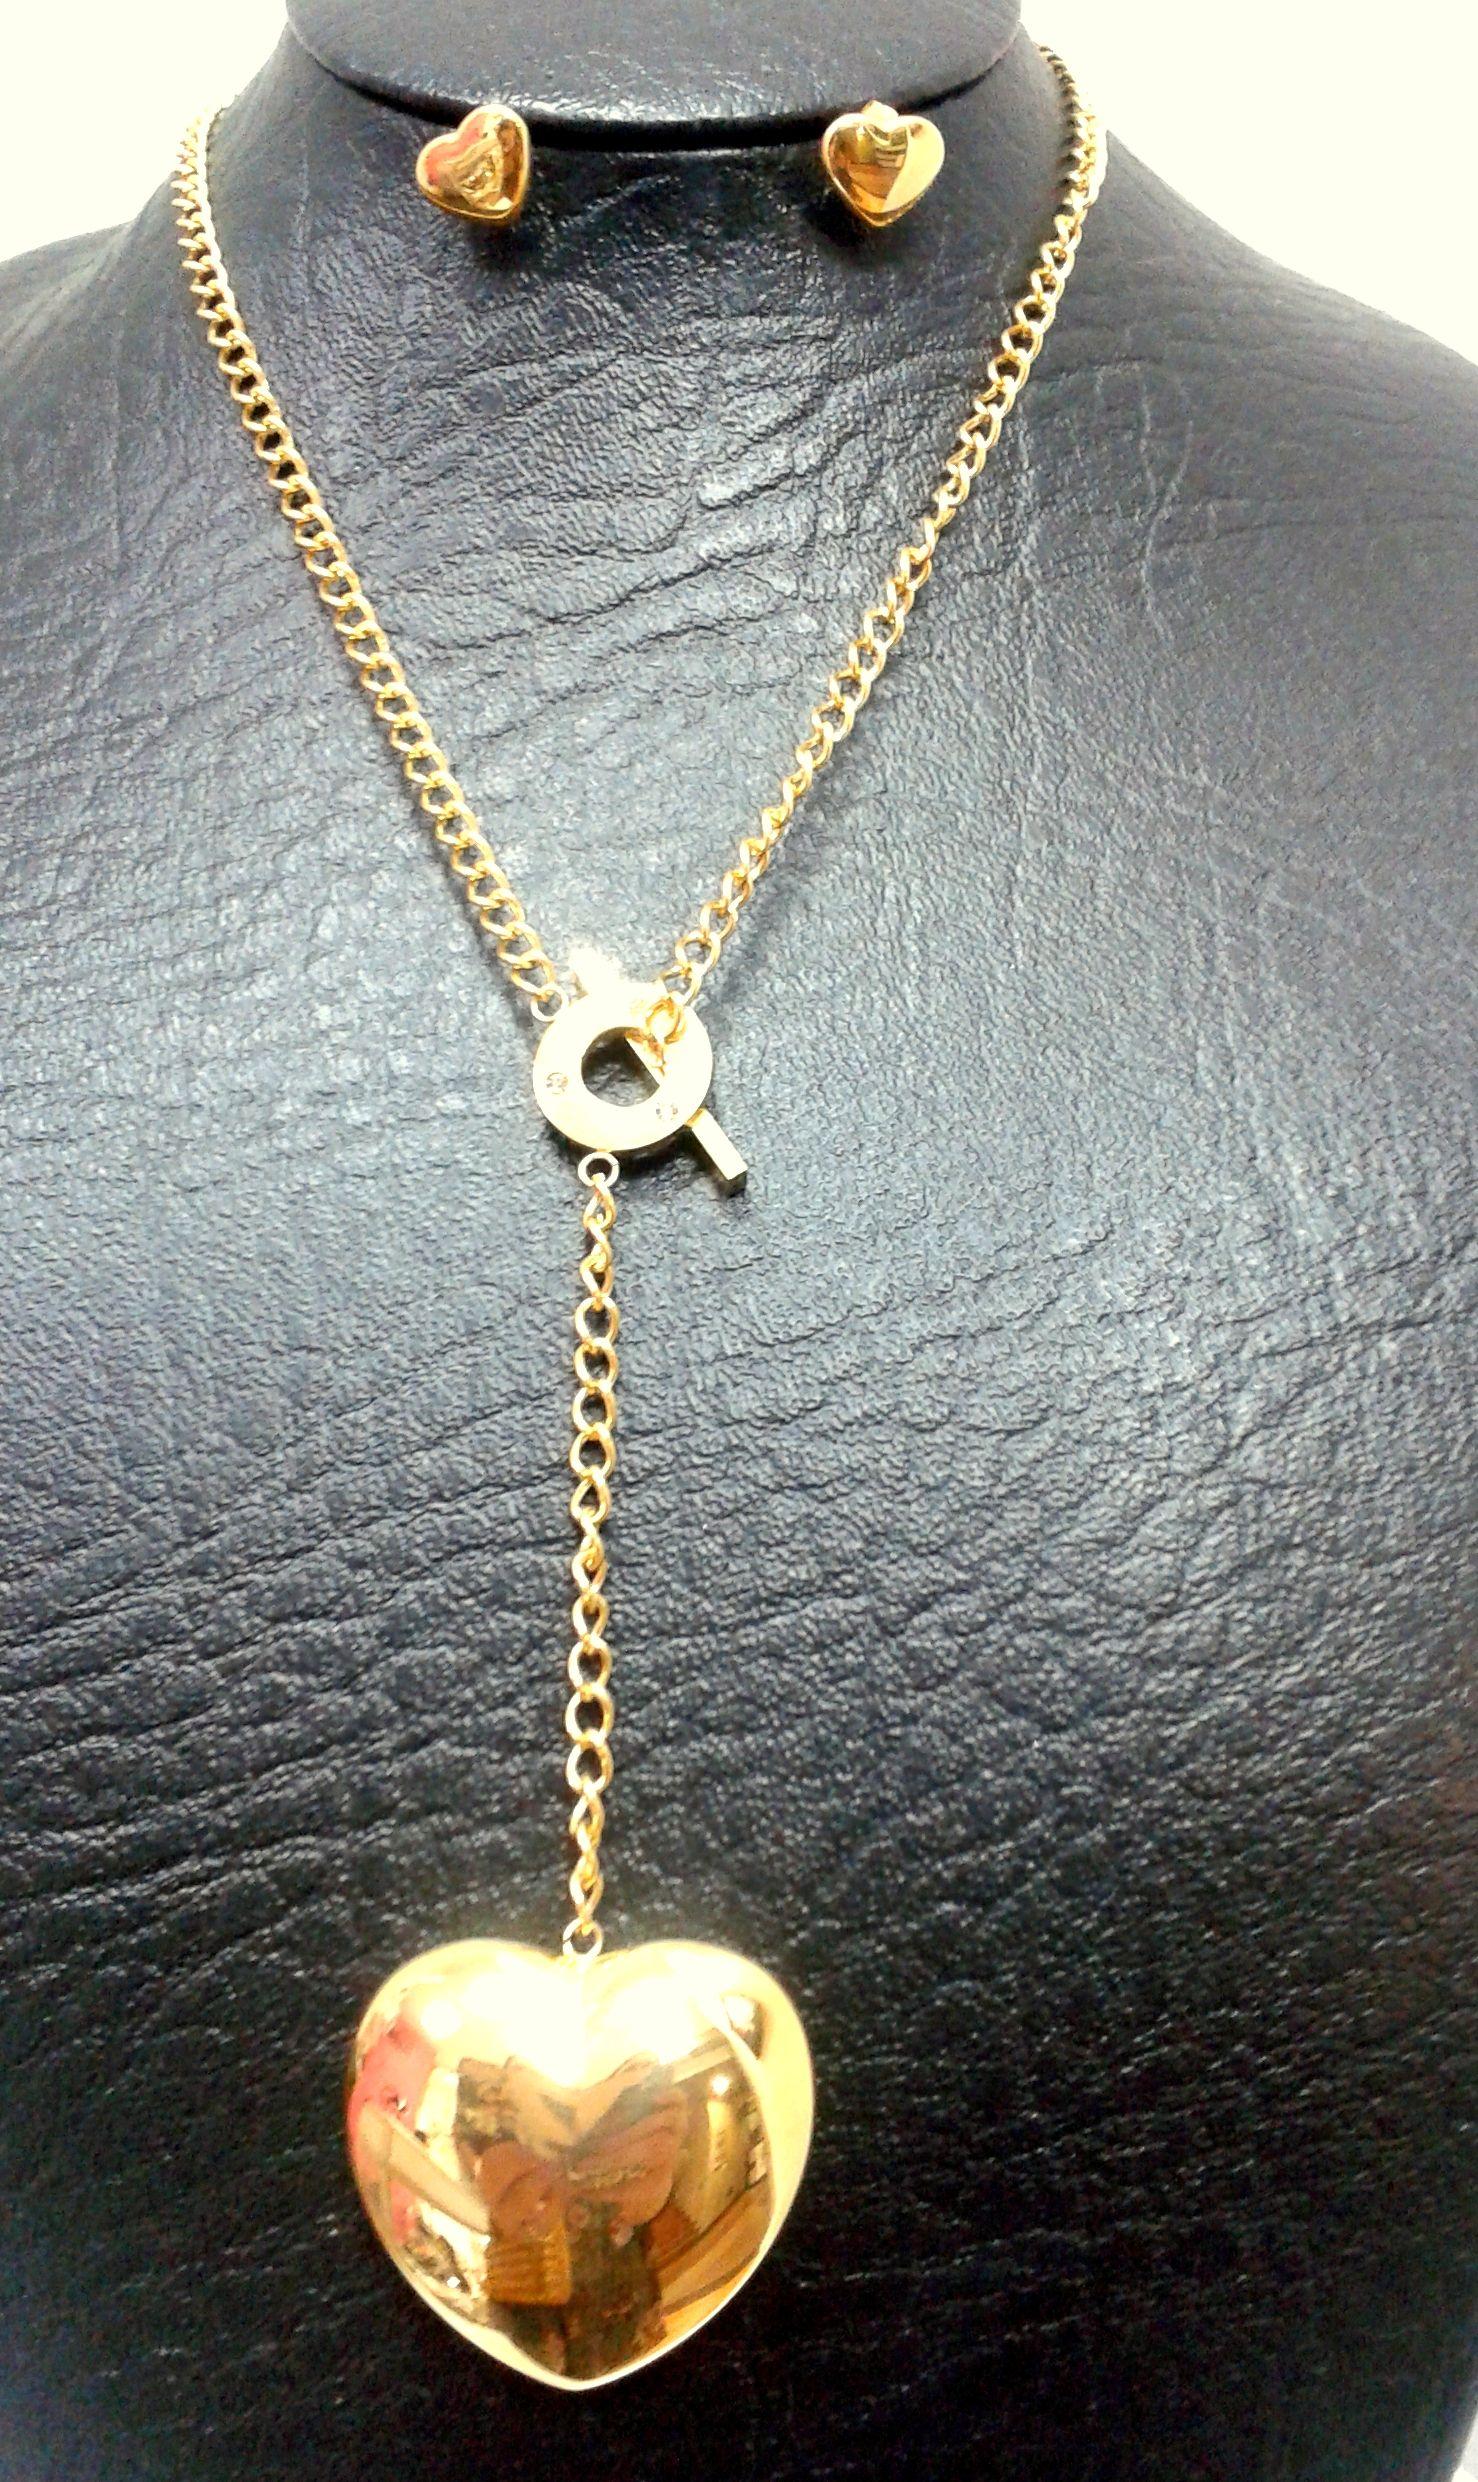 Remolque de acero inoxidable negro con swarovski elements piedras /& Collar de cuero